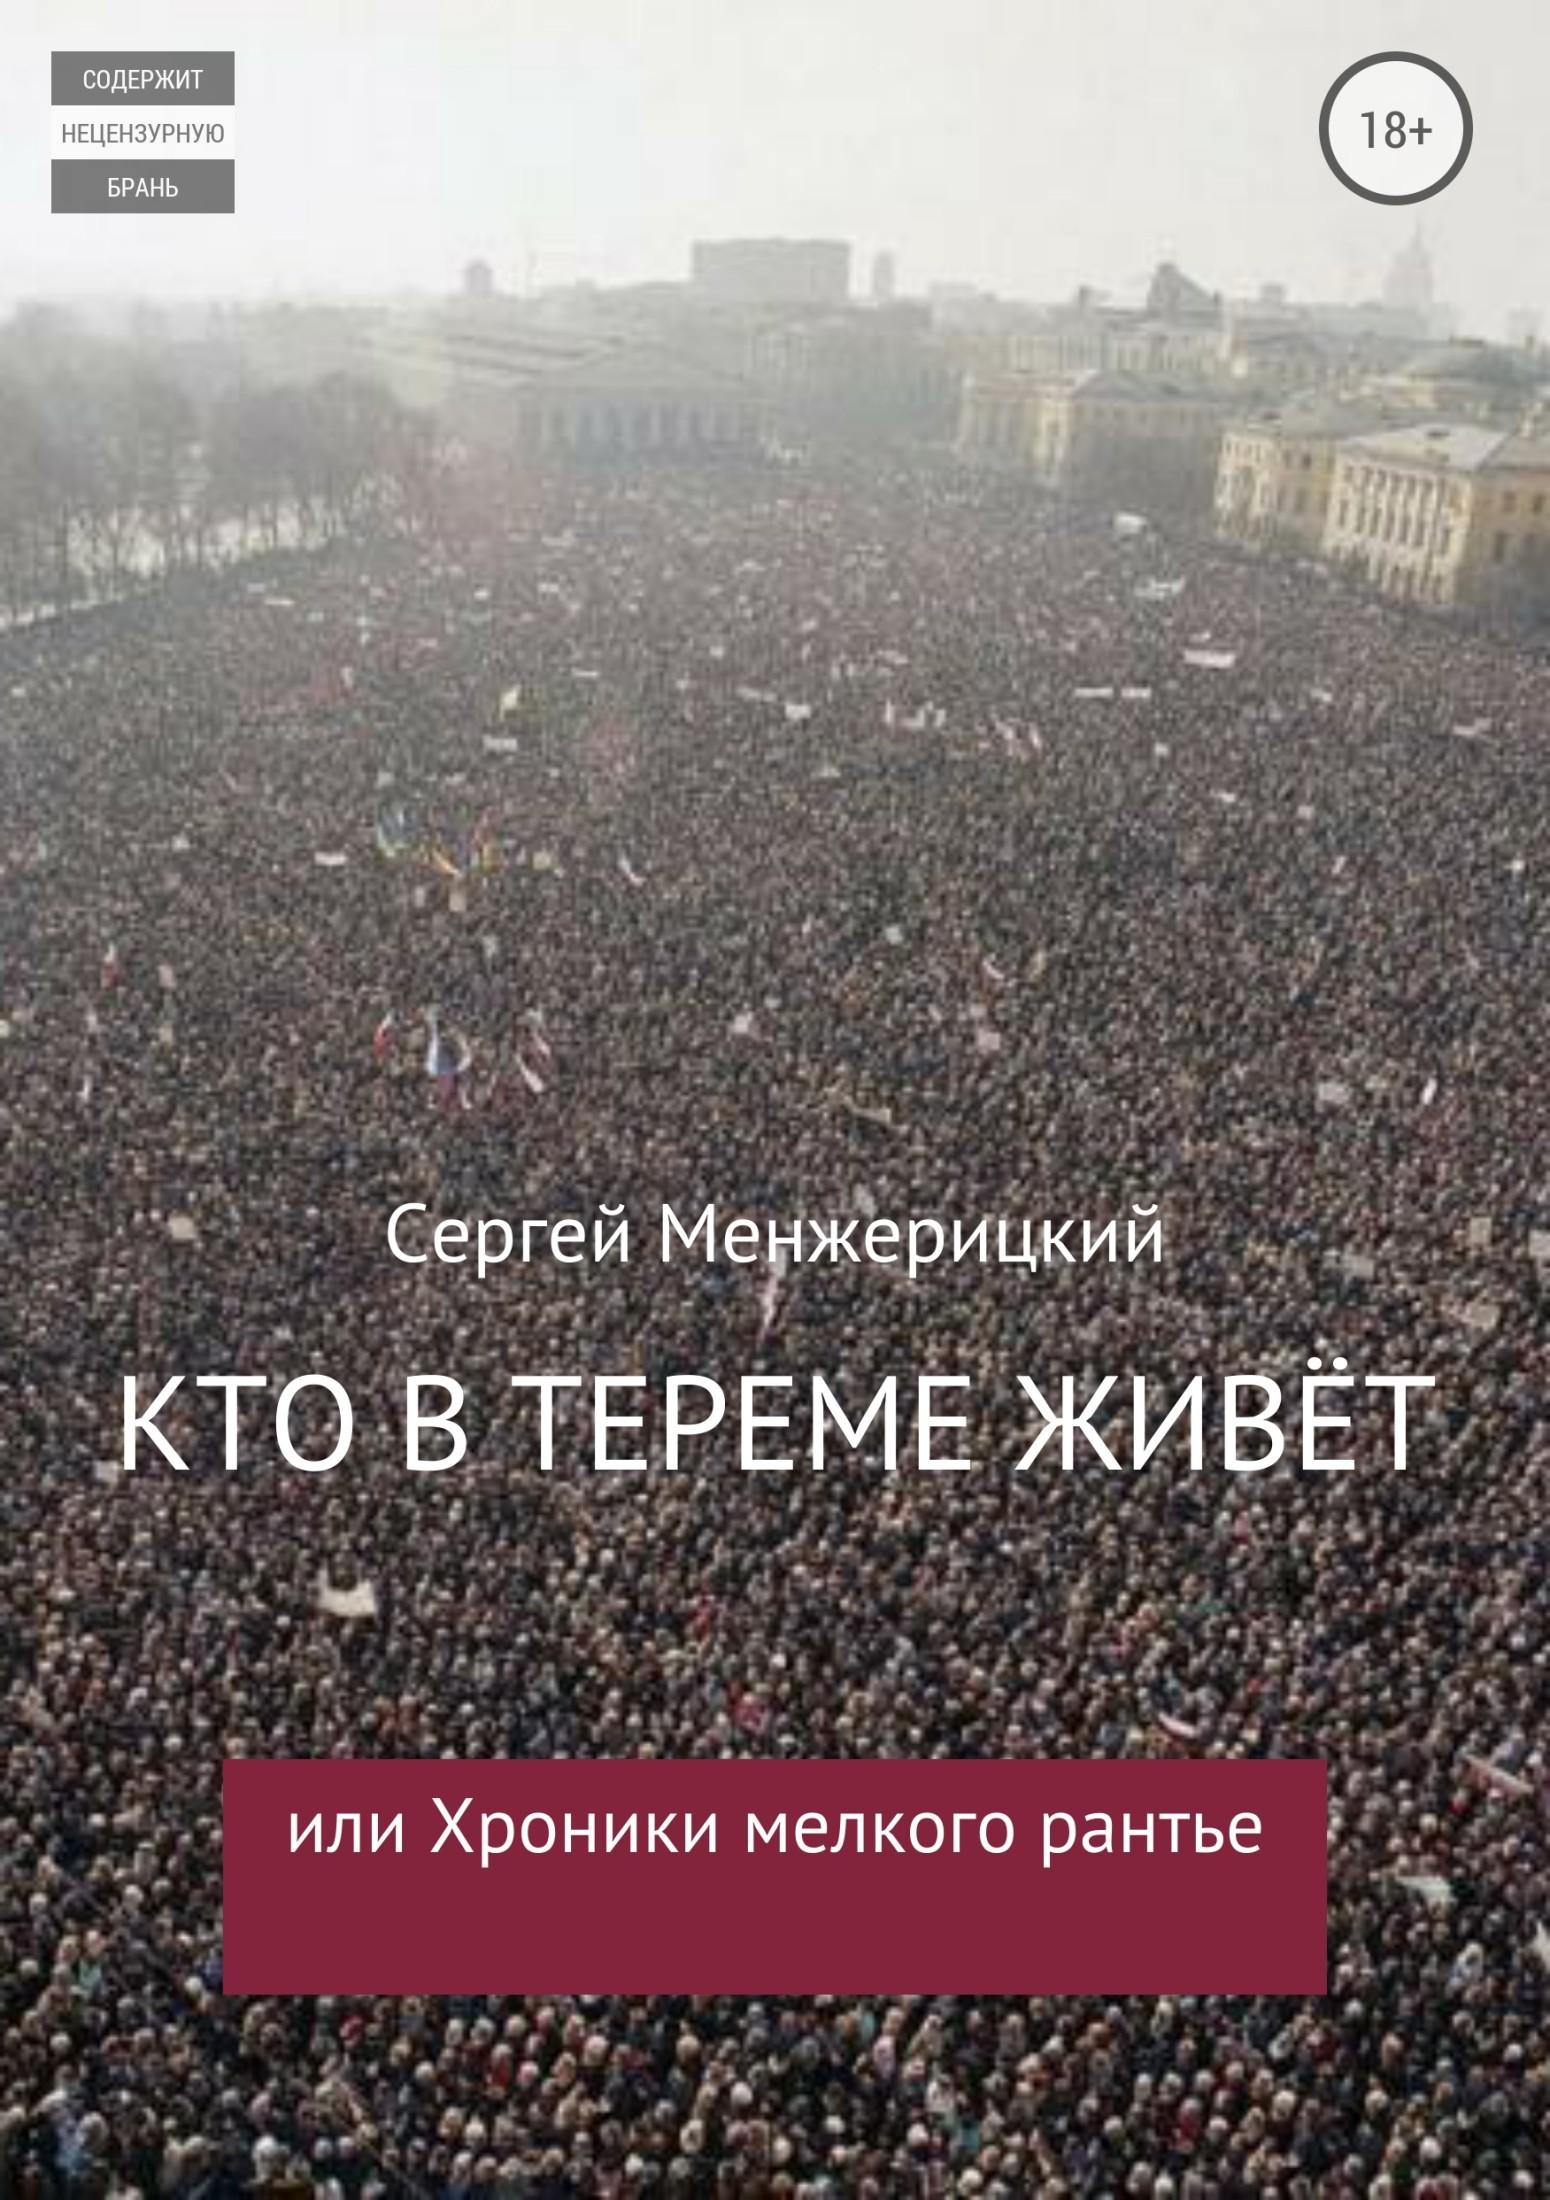 Сергей Александрович Менжерицкий бесплатно